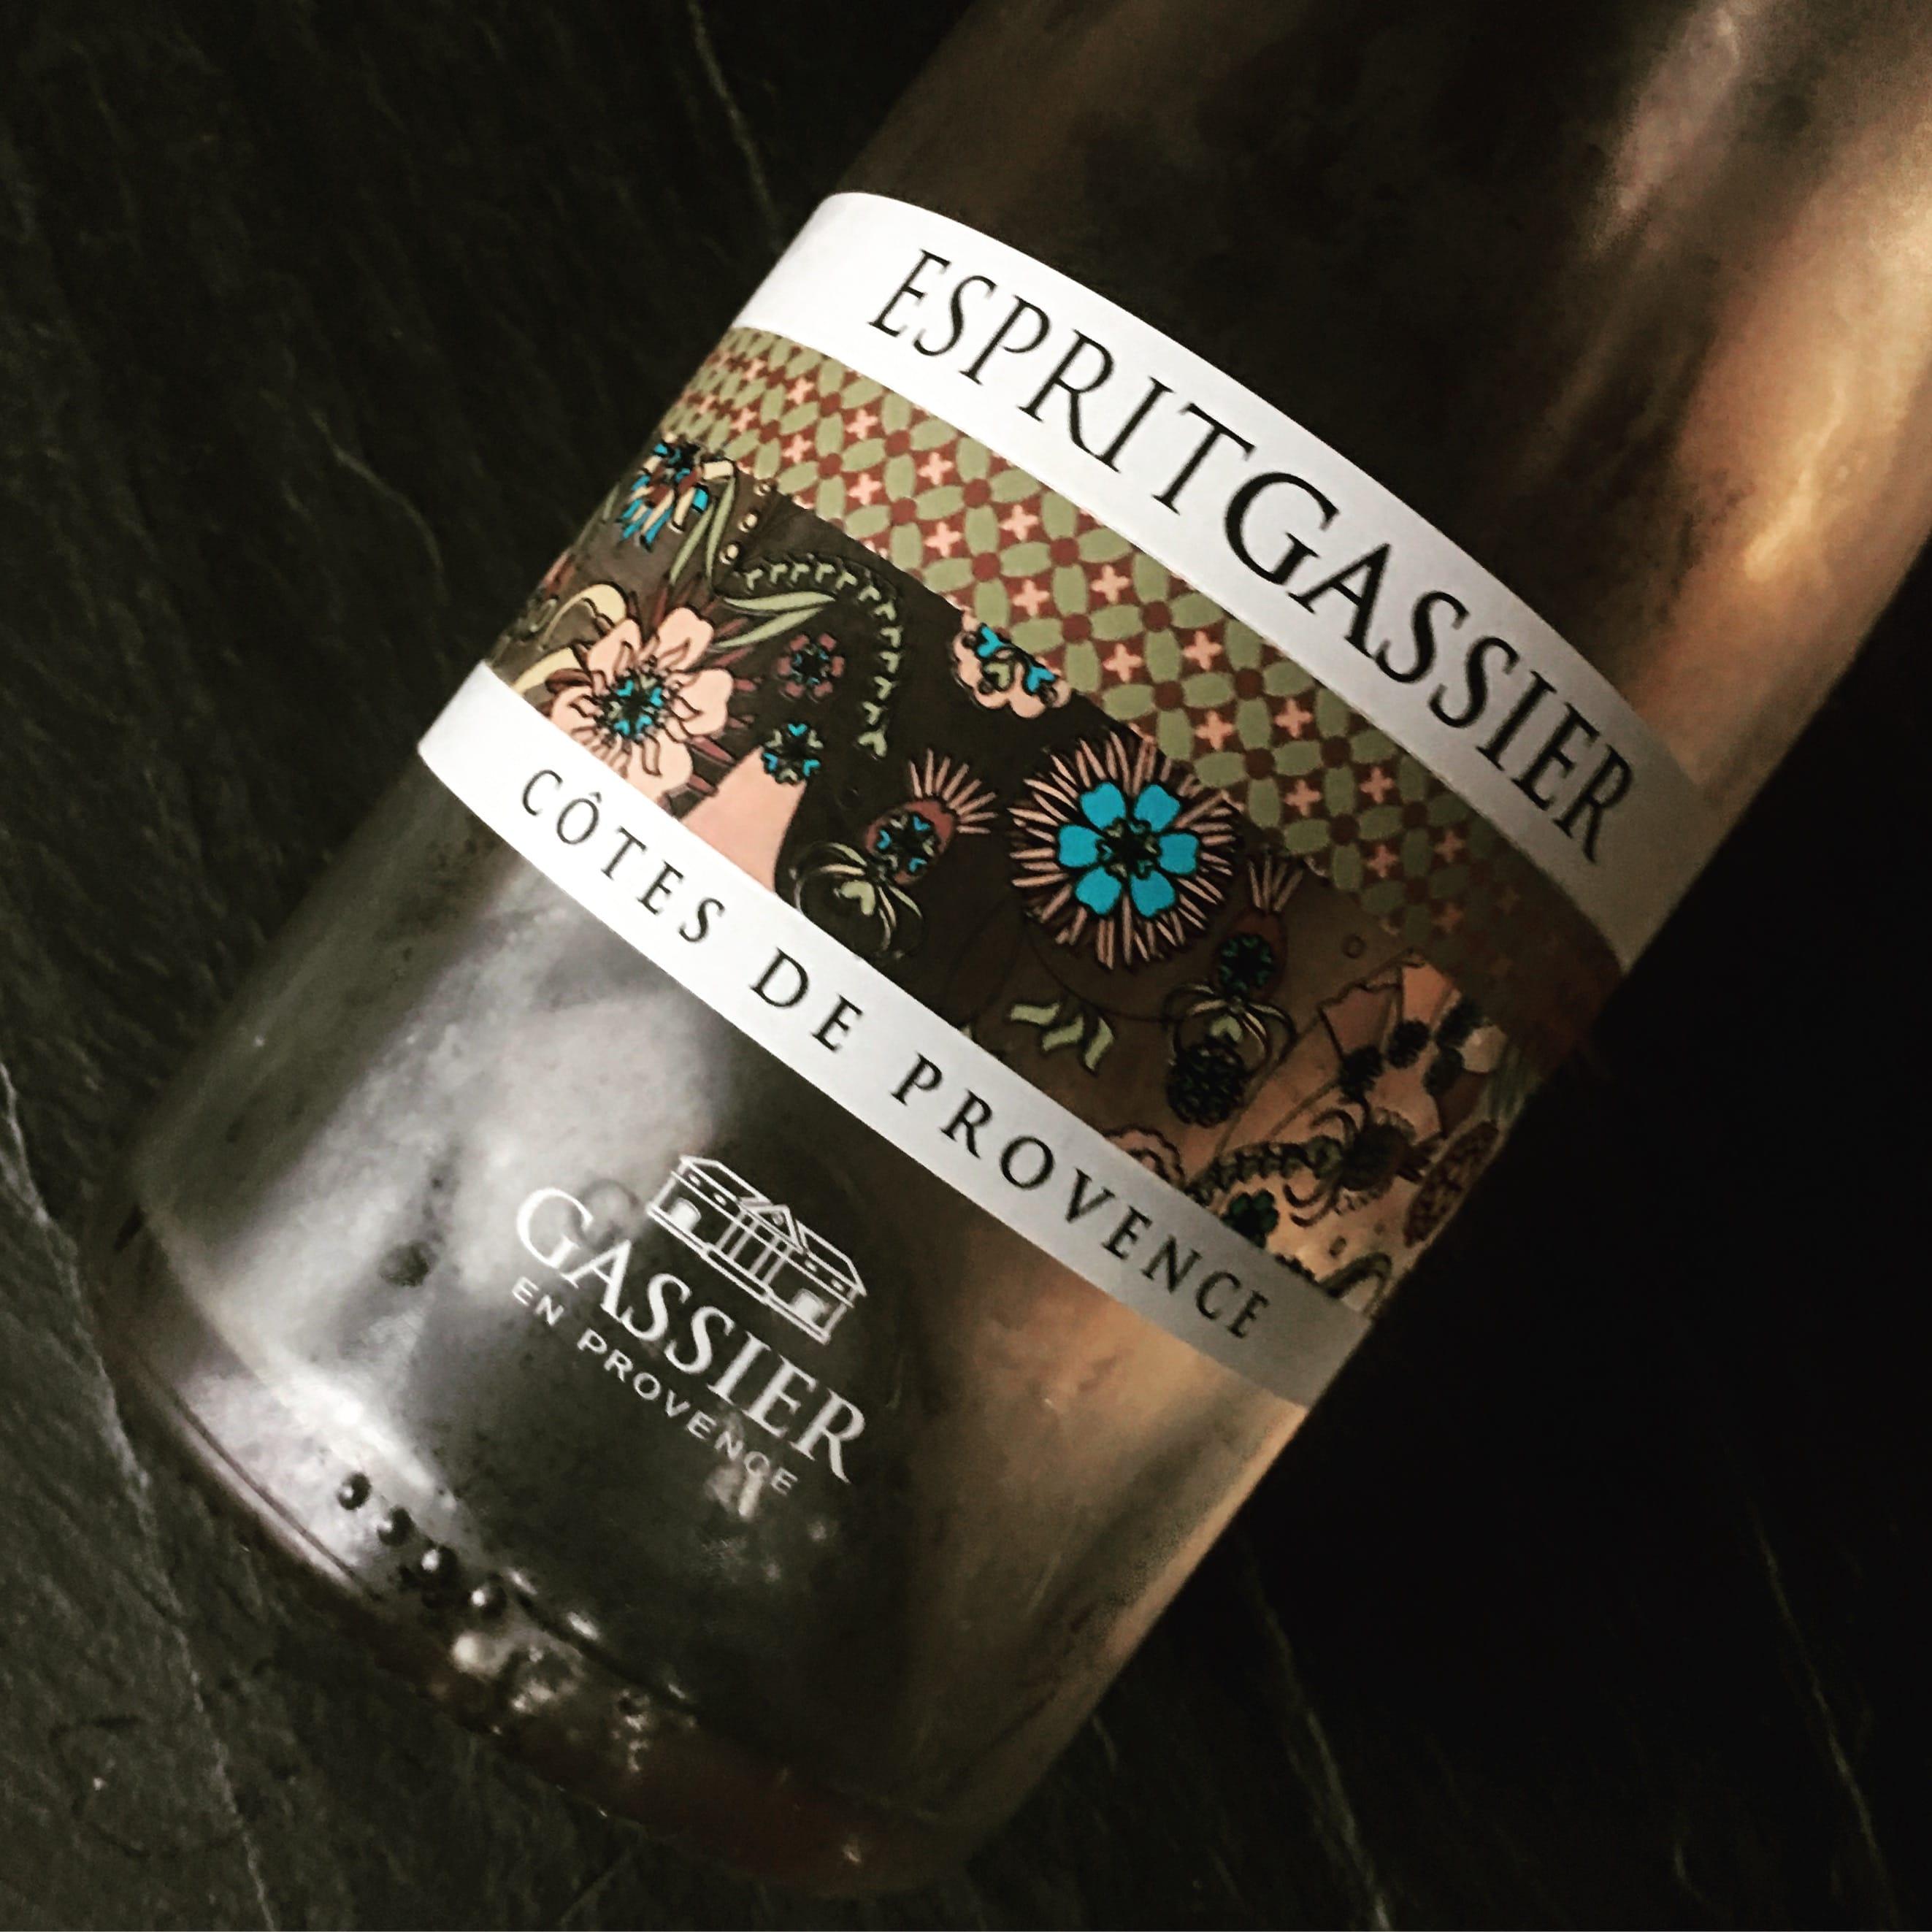 Château Gassier Côtes de Provence Esprit Gassier 2015